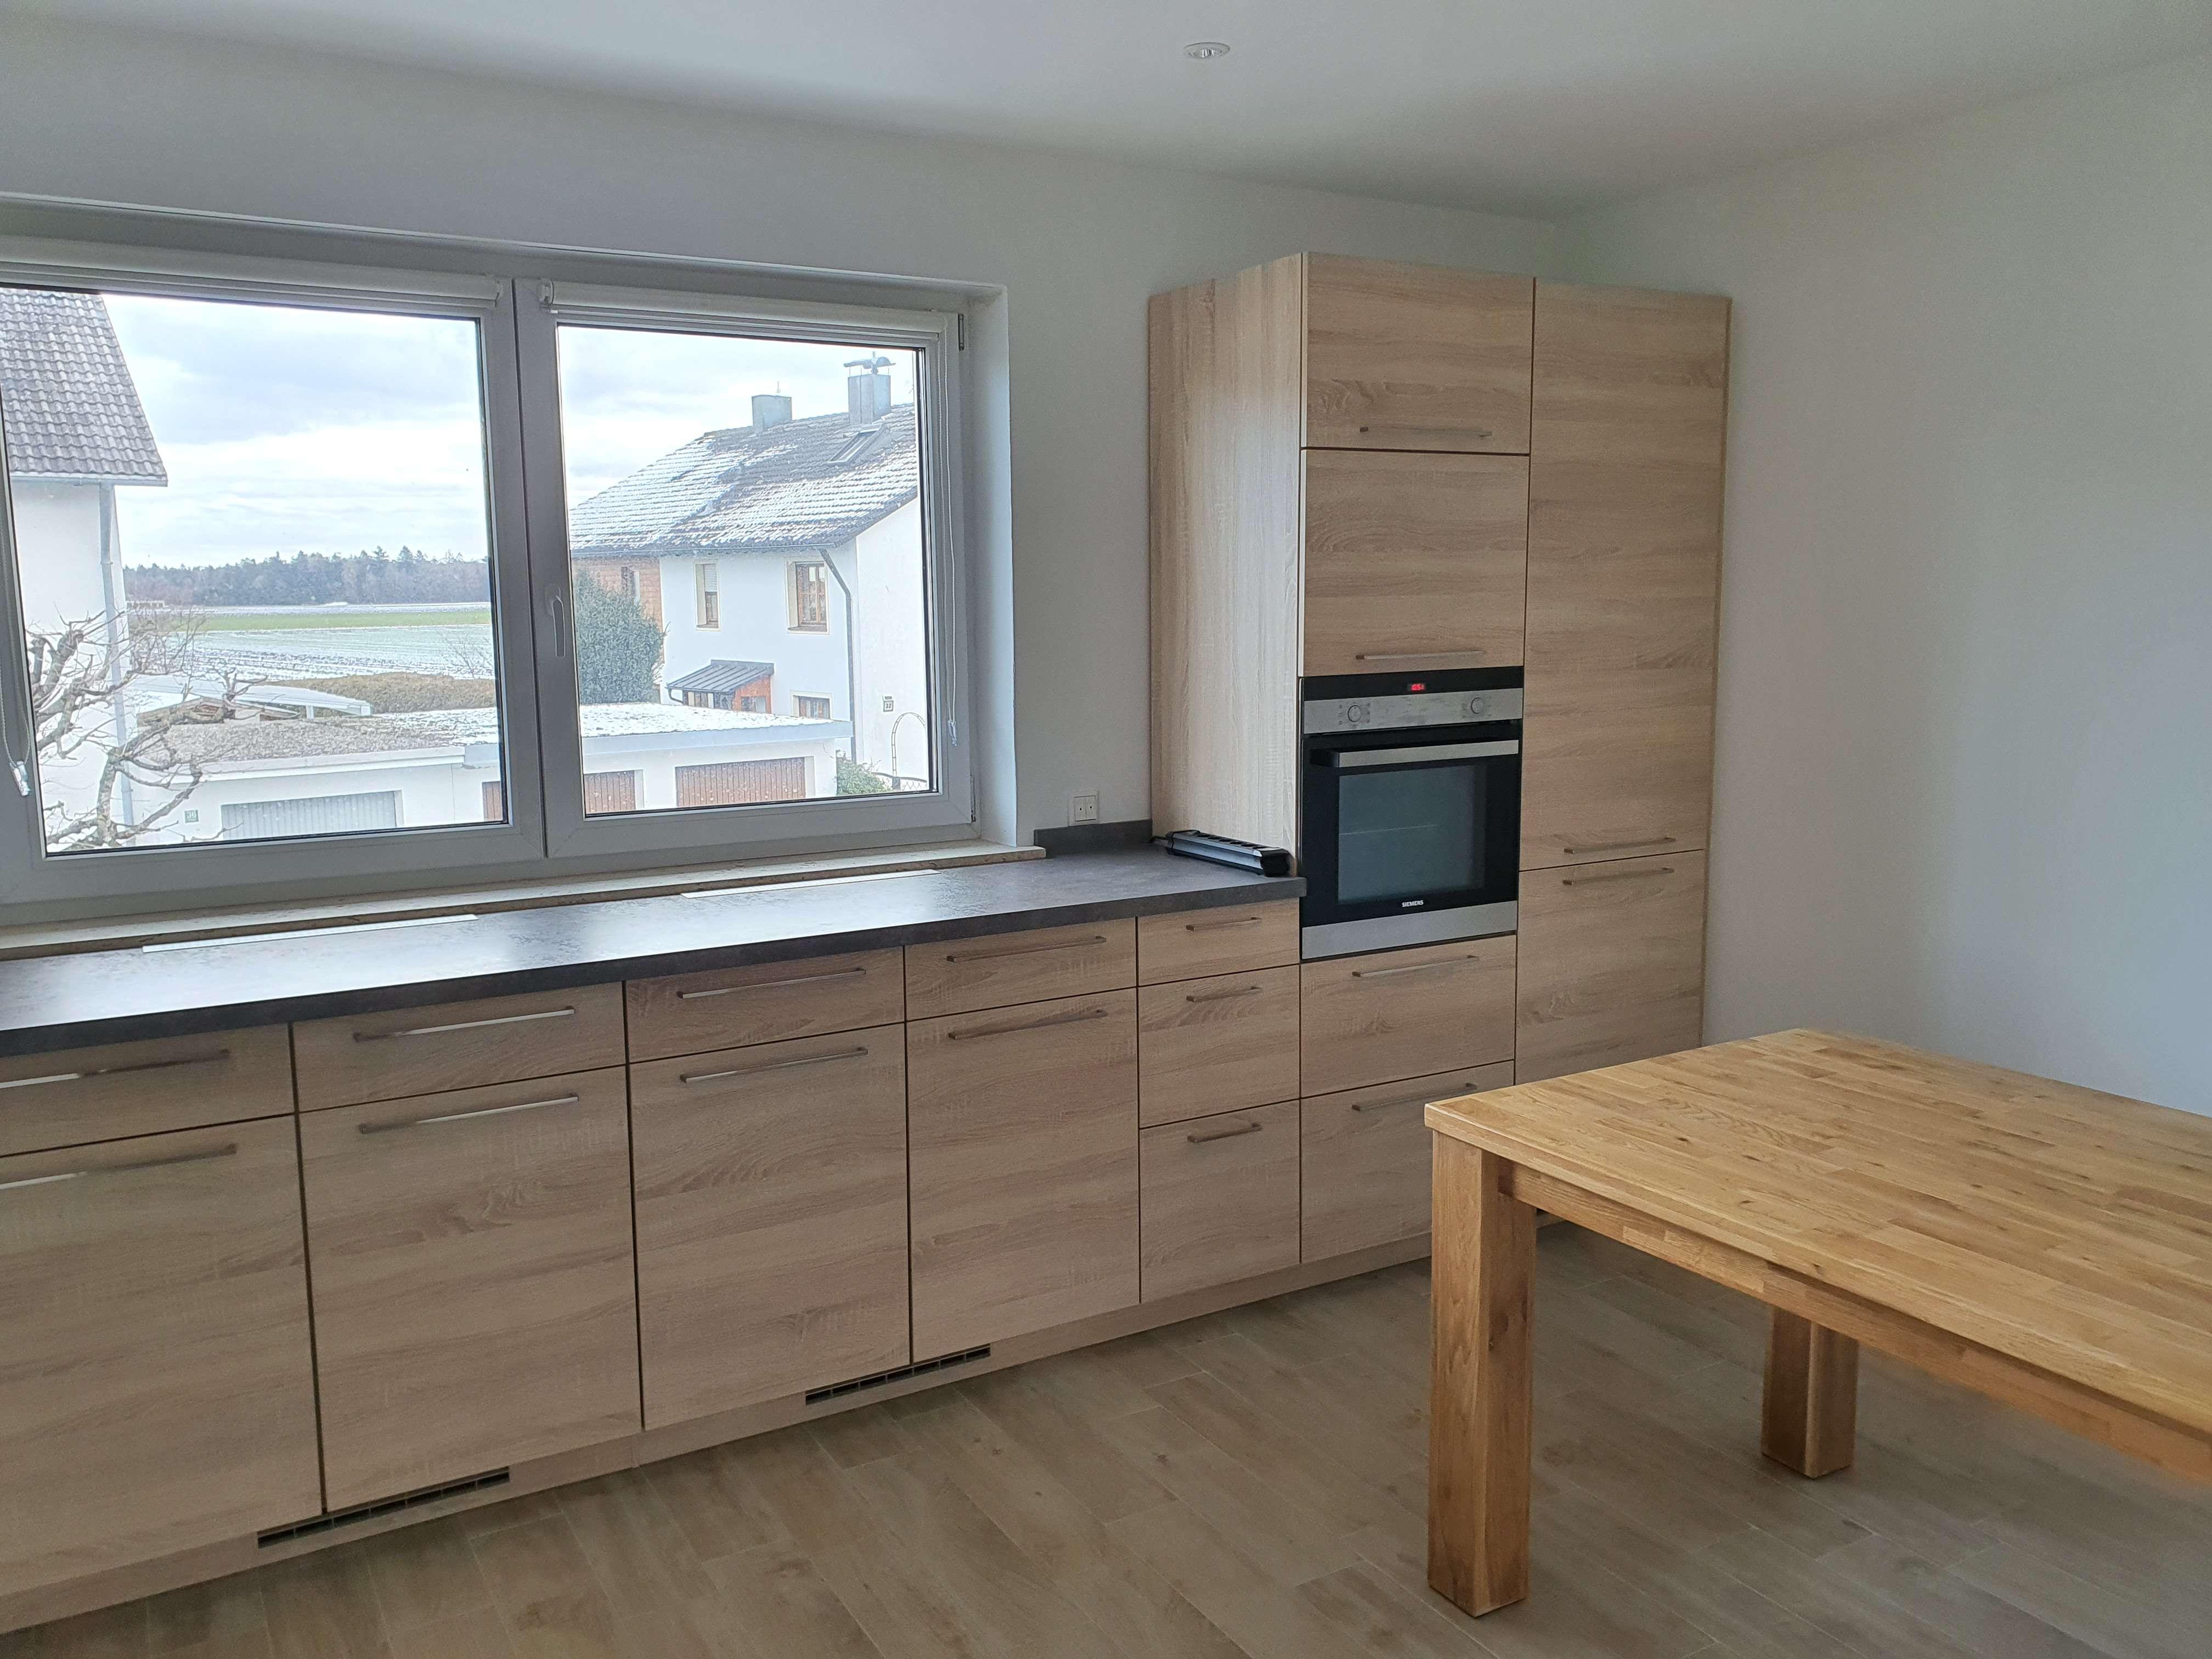 Großzügige 3-Zimmer-Wohnung, 104 qm, gehobene Ausstattung, Bj. 2019, Südbalkon in